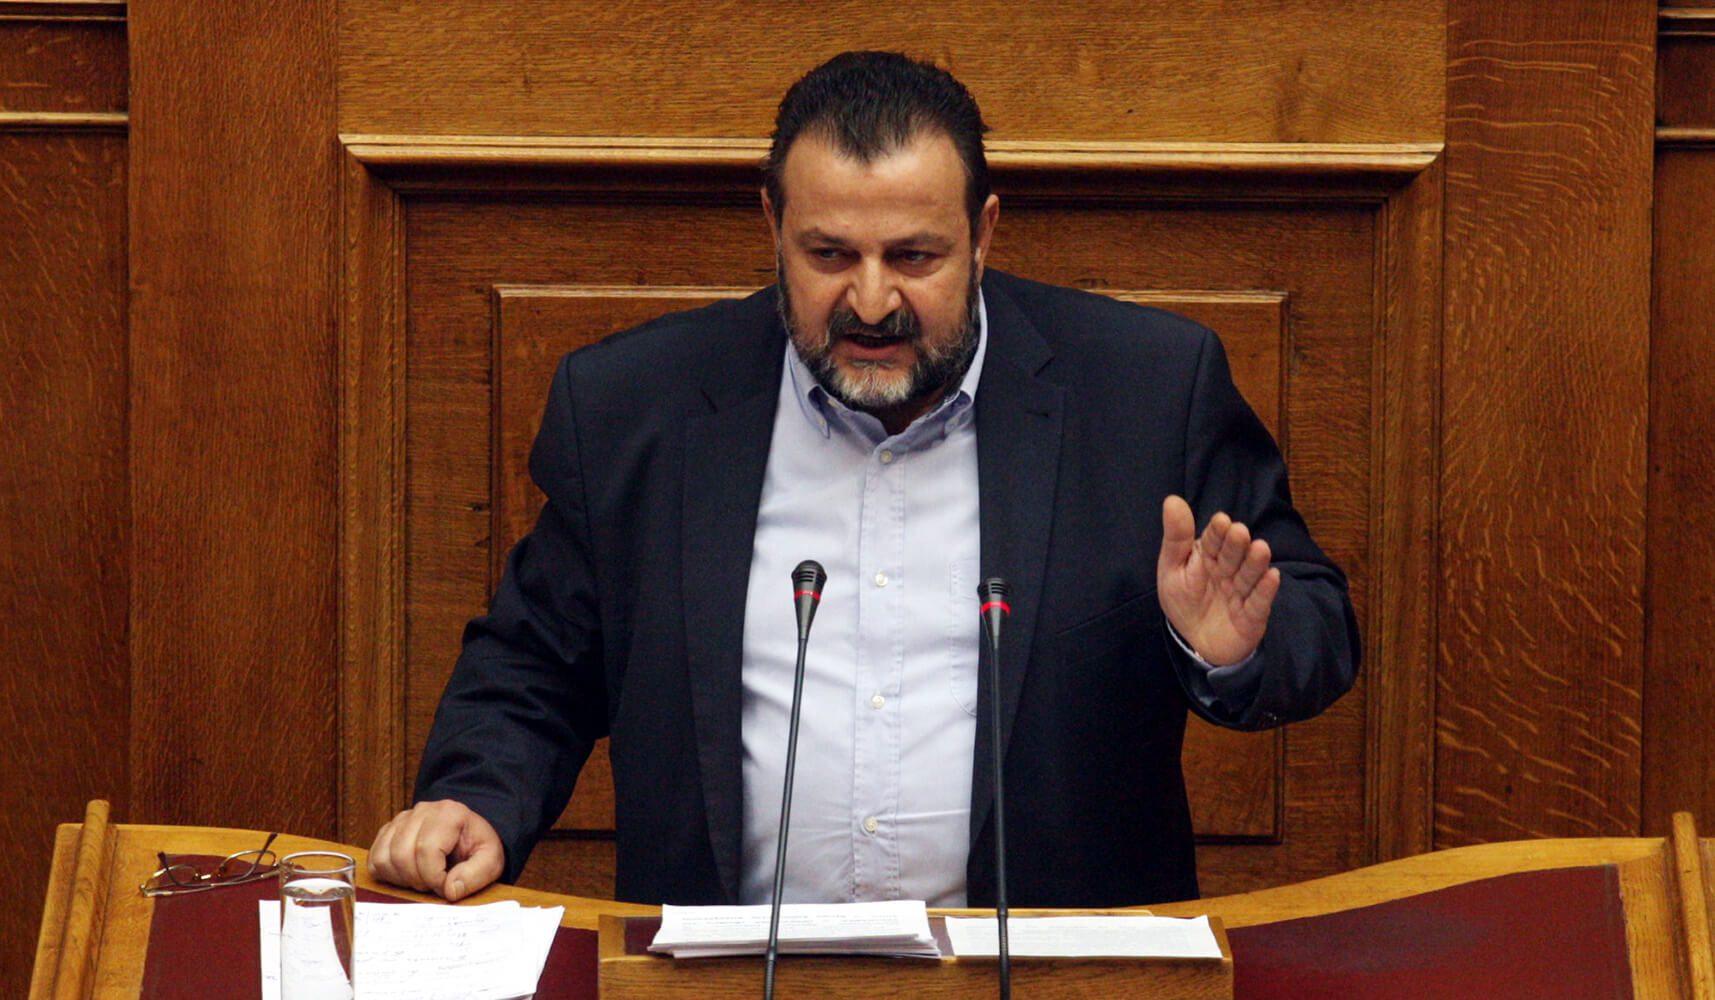 Κεγκέρογλου:«Η Κυβέρνηση αρνείται το διάλογο, προχωρά ερήμην των παραγωγικών φορέων»